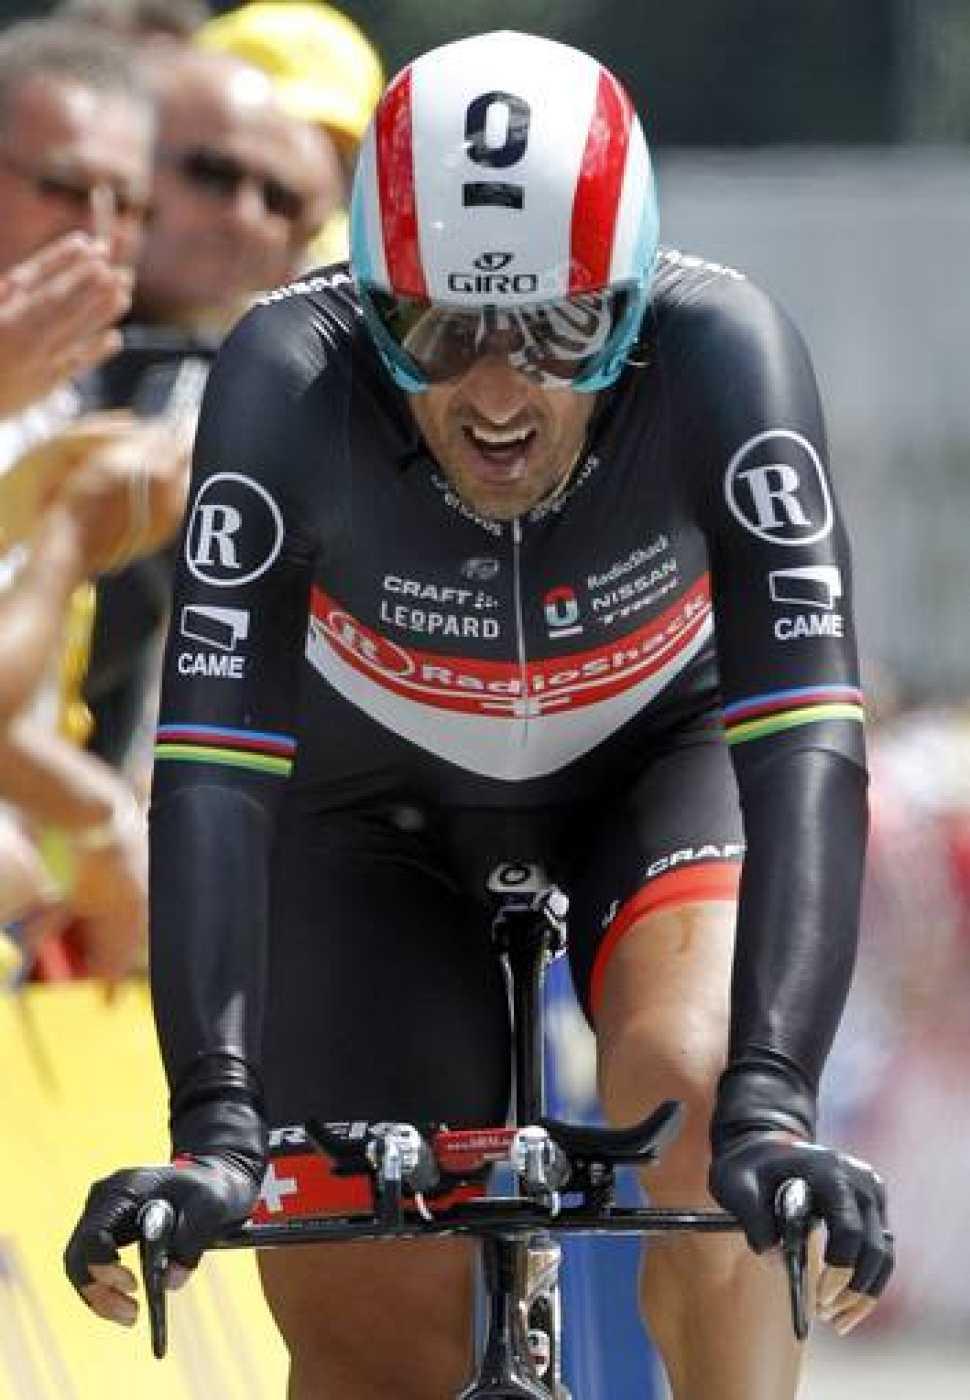 El ciclista suizo Fabián Cancellara durante una de las etapas del Tour de Francia 2012